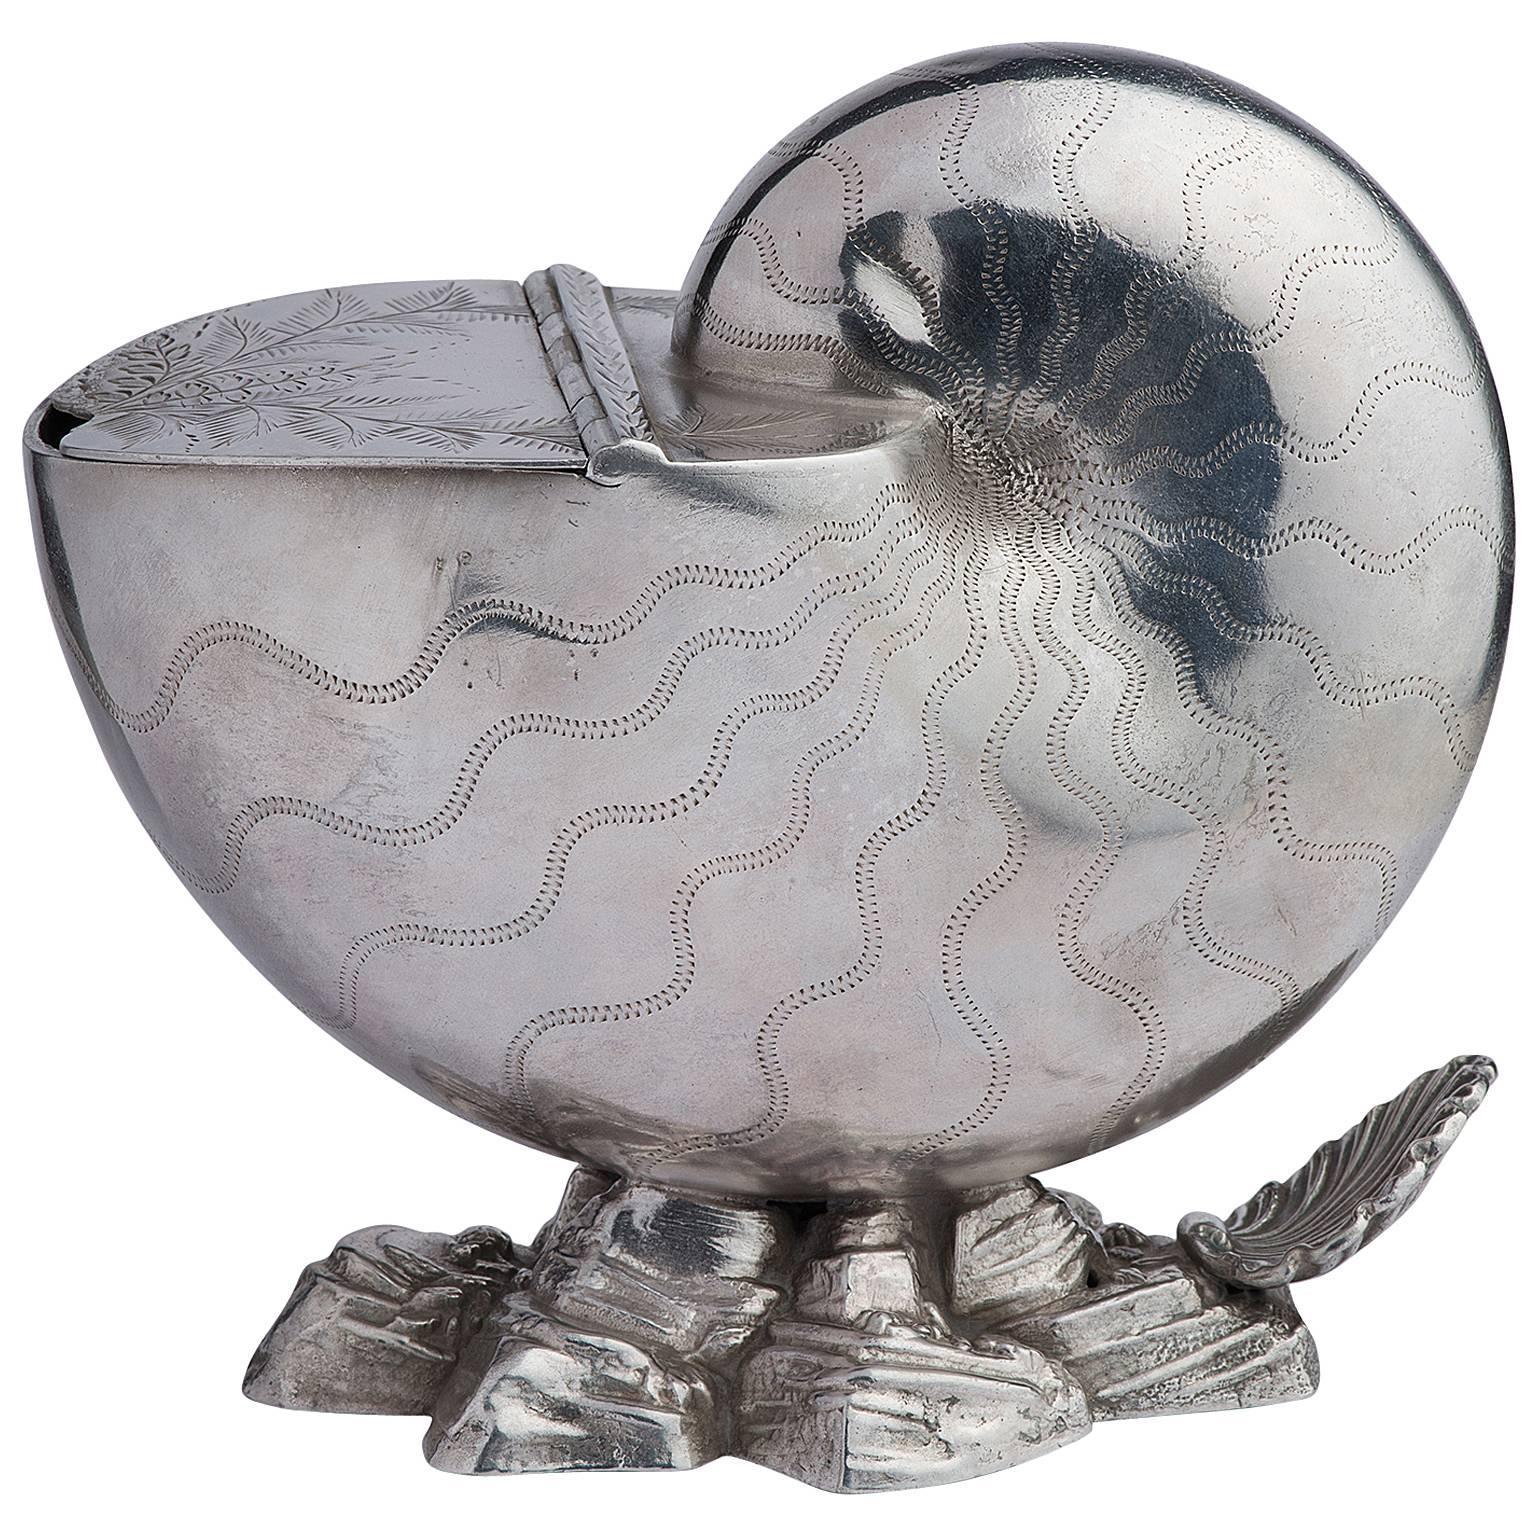 English Victorian Spoon Warmer or Ice Bucket